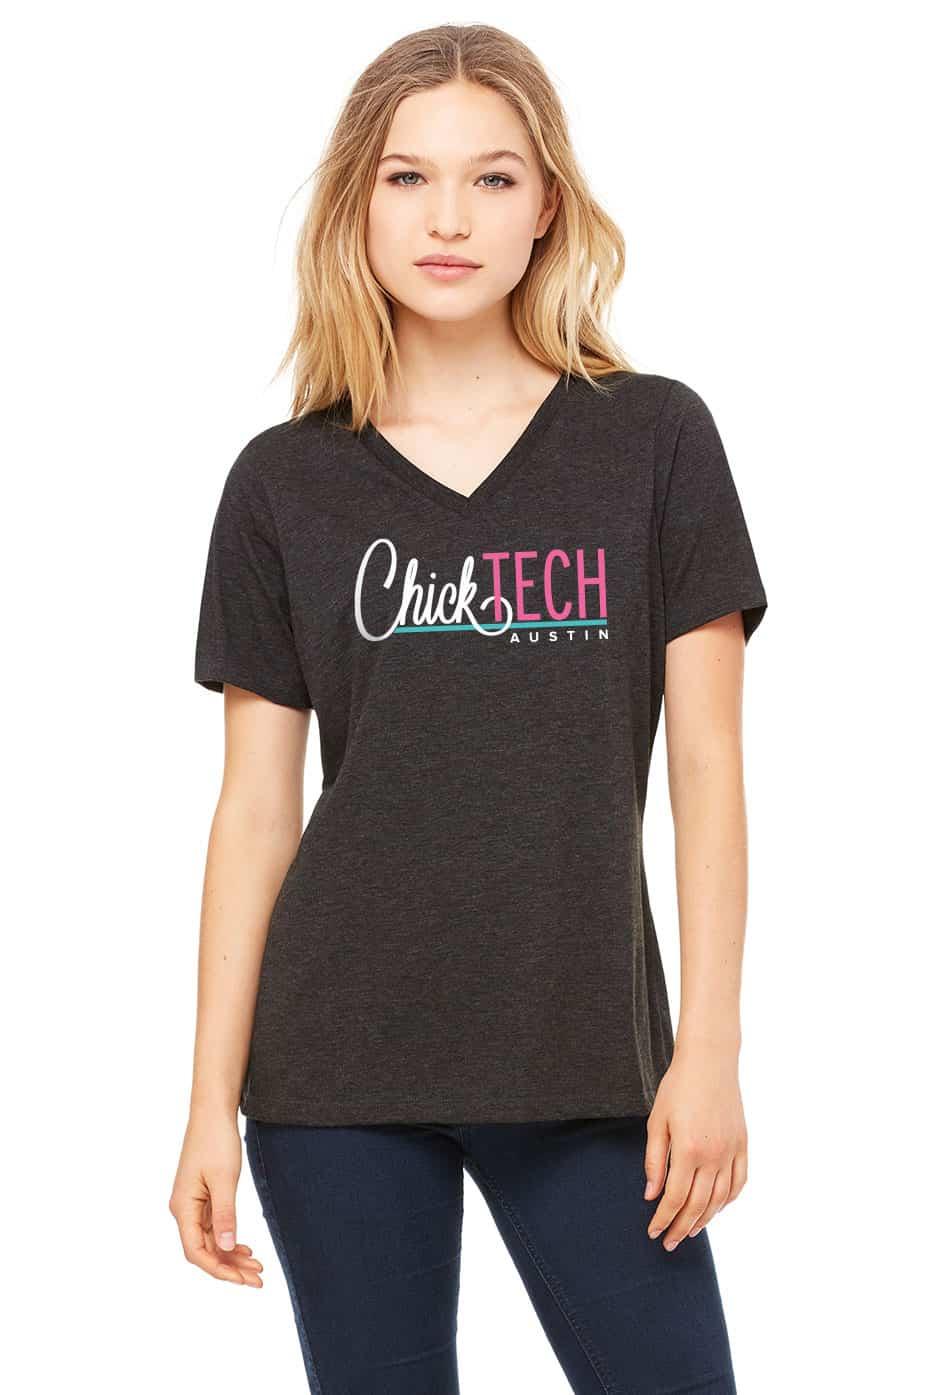 ChickTech Austin Women's Shirt